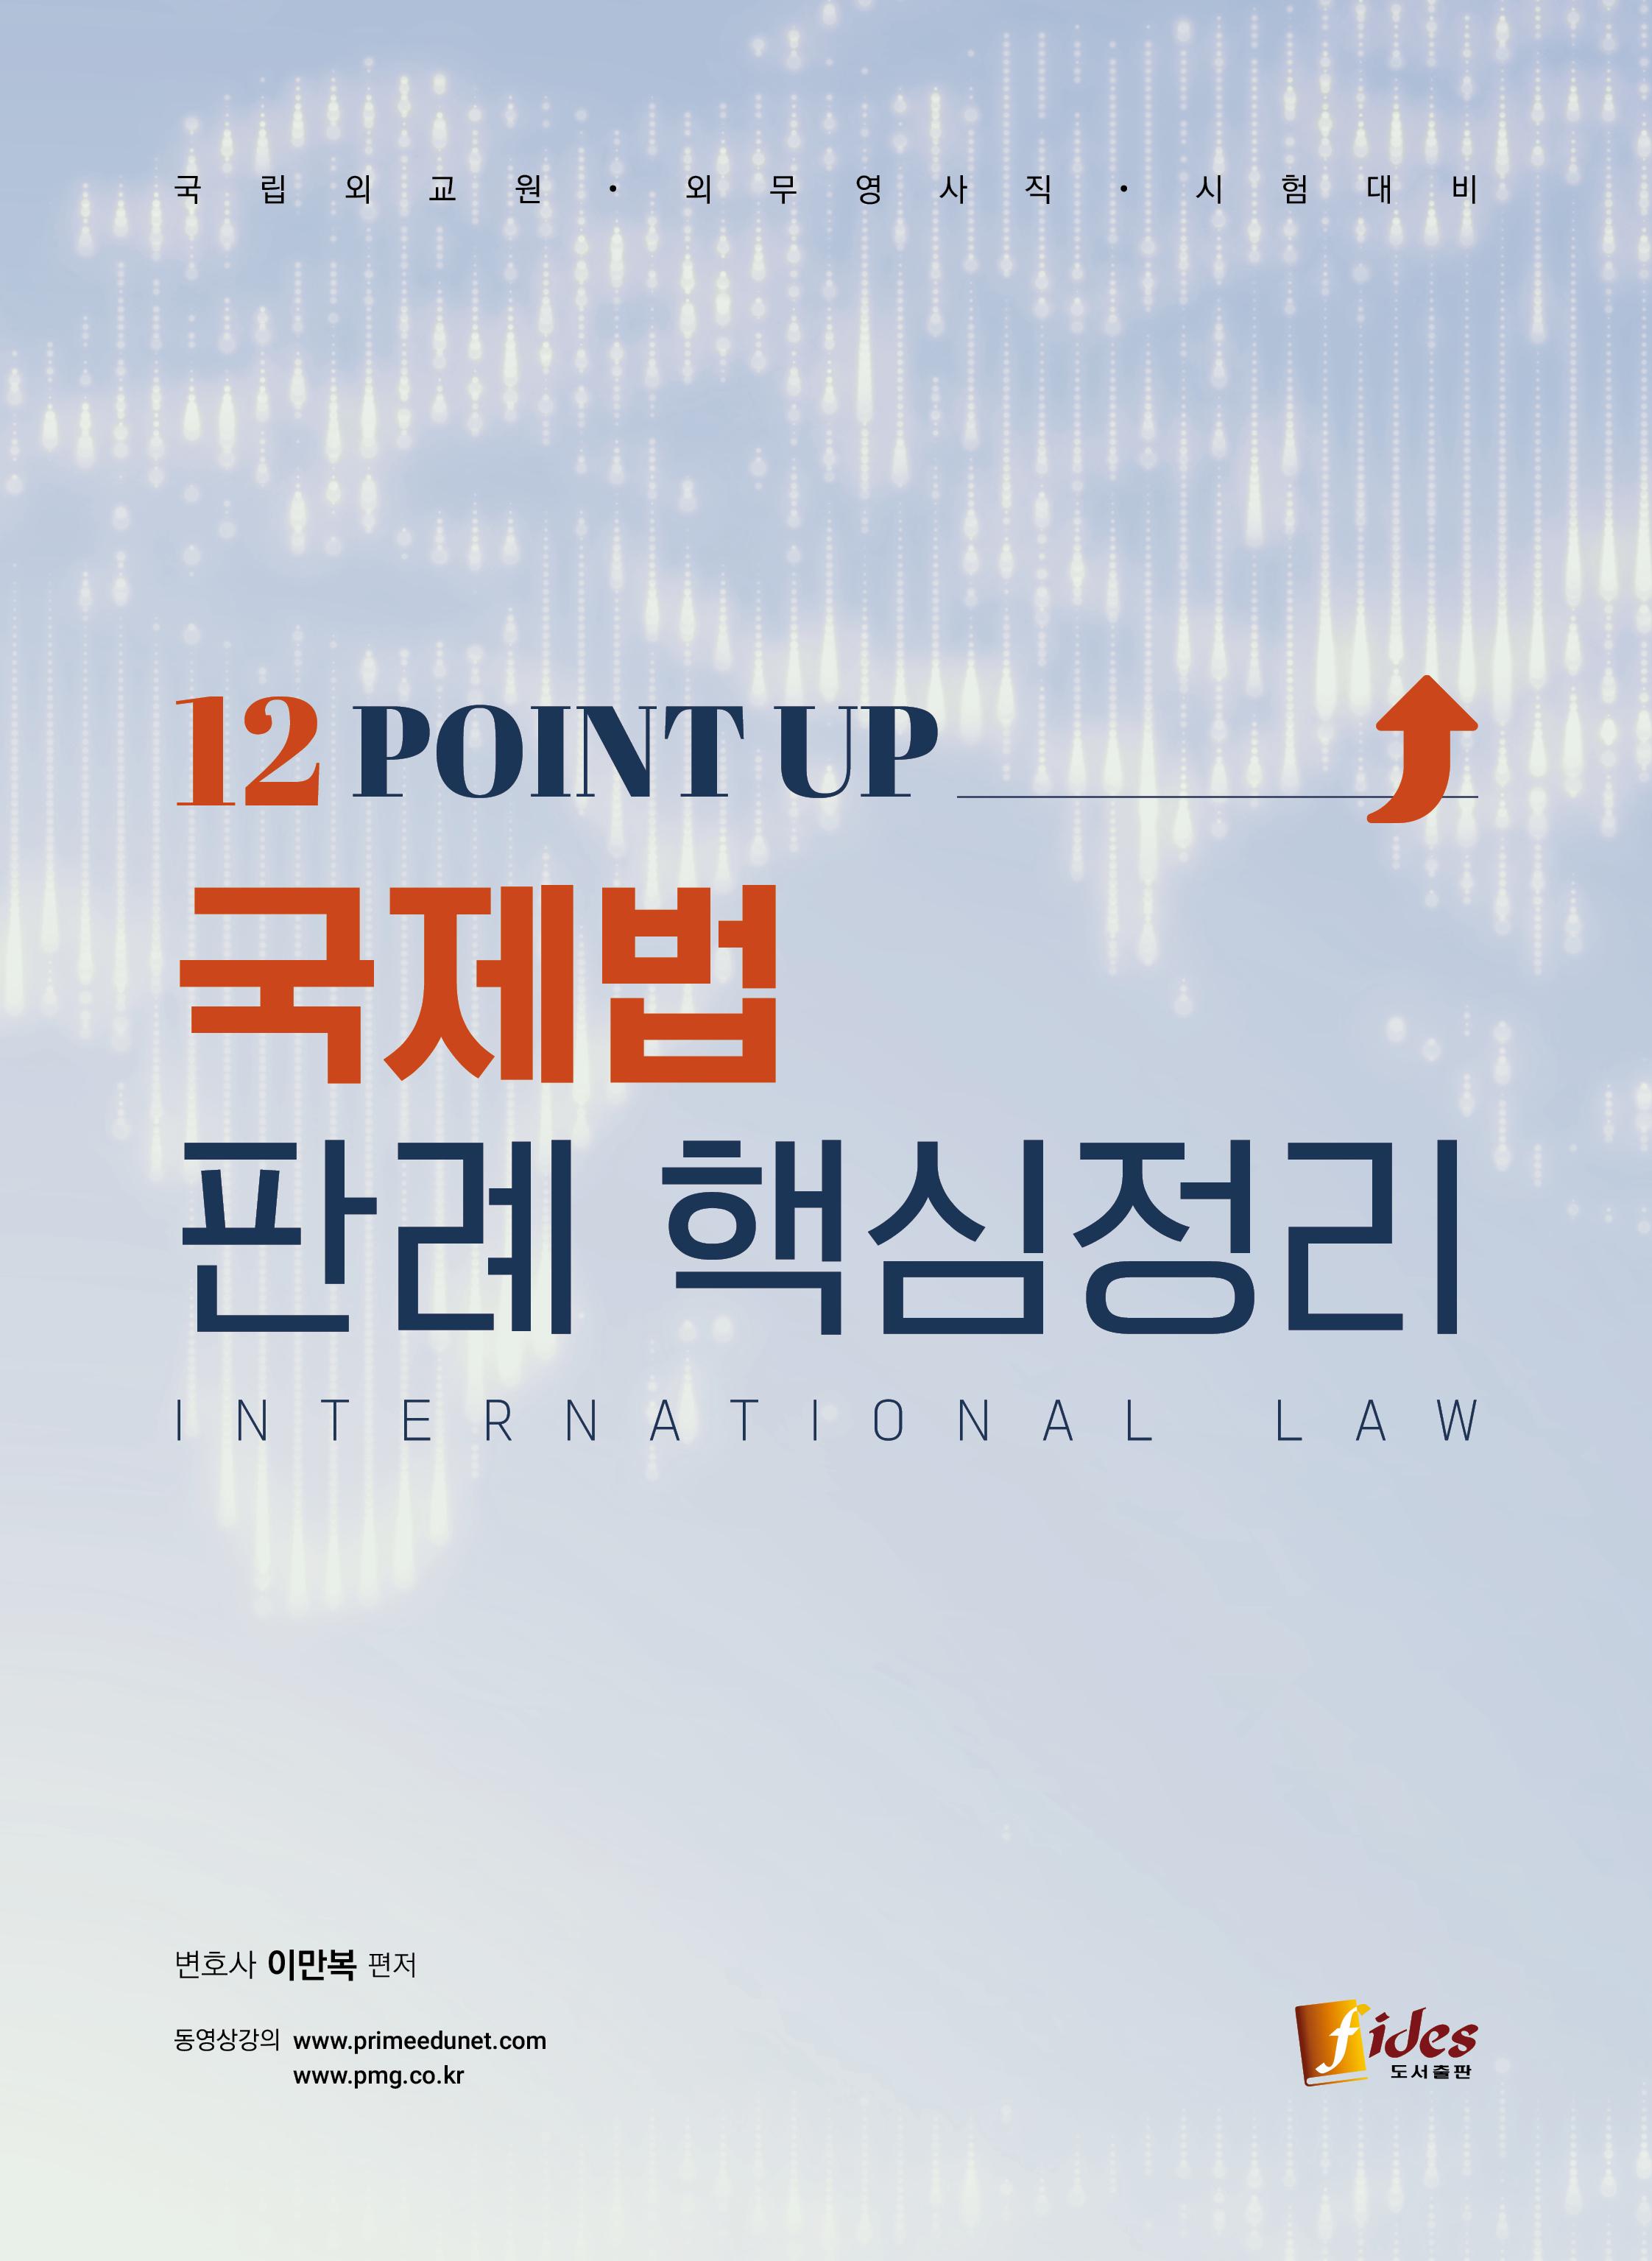 이만복 12 POINT UP 국제법 판례 핵심정리 책 표지